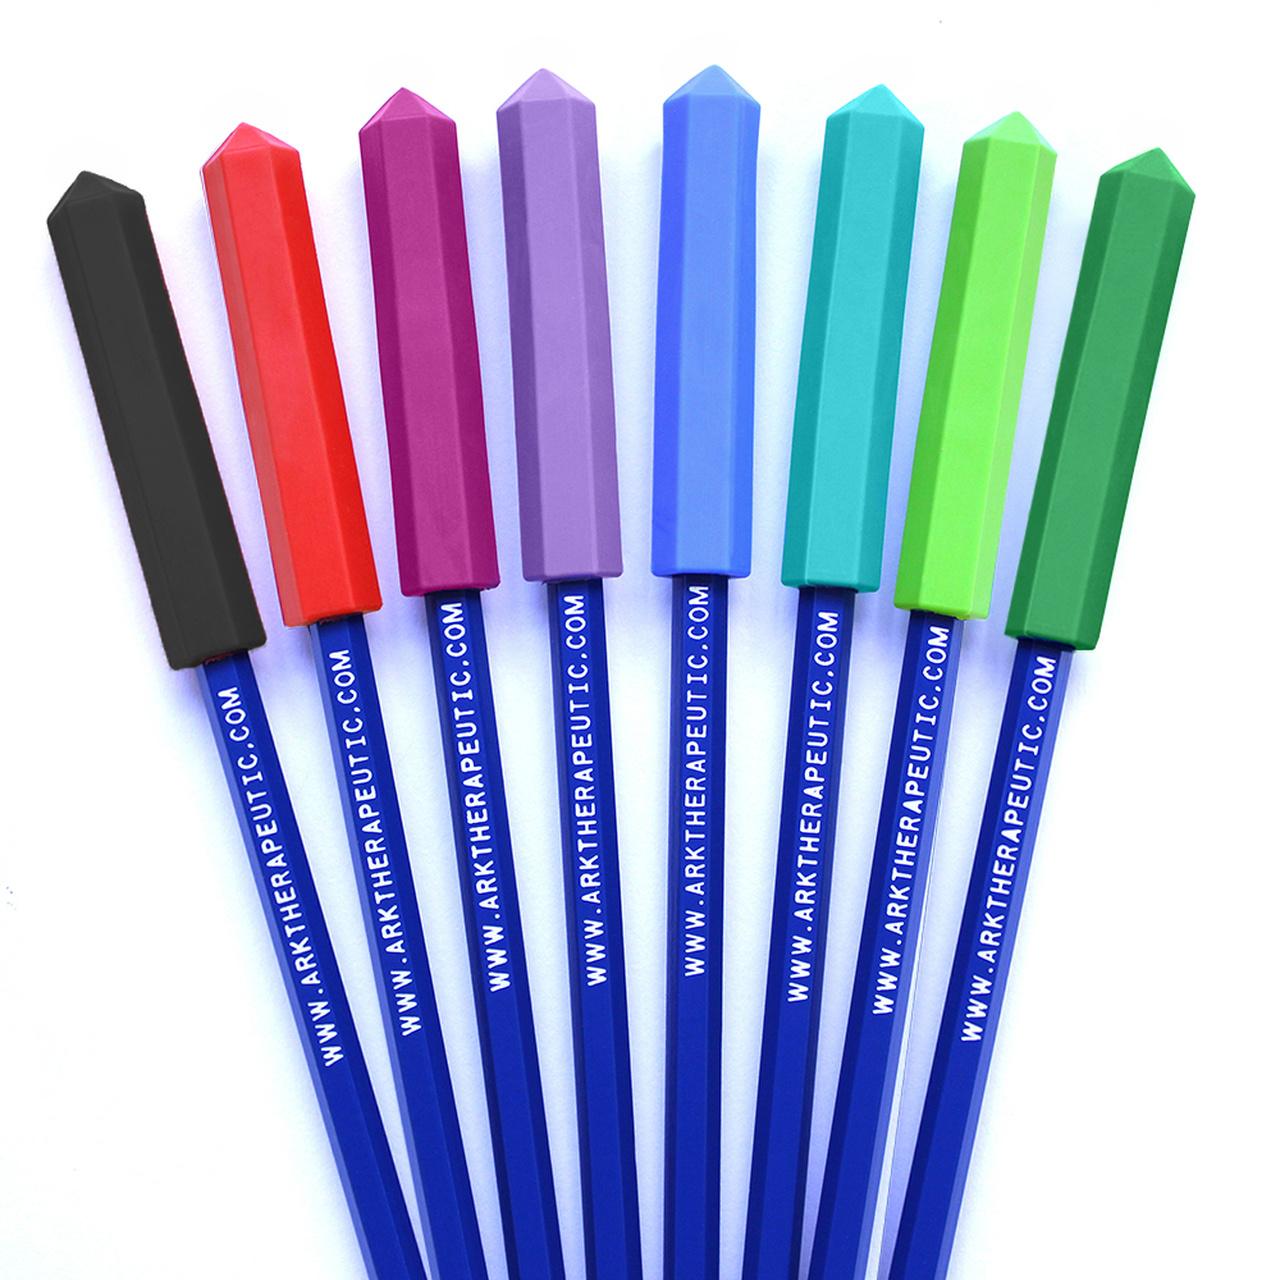 ARK-therapeutic ARK's Krypto-Bite® Chewable Pencil Topper